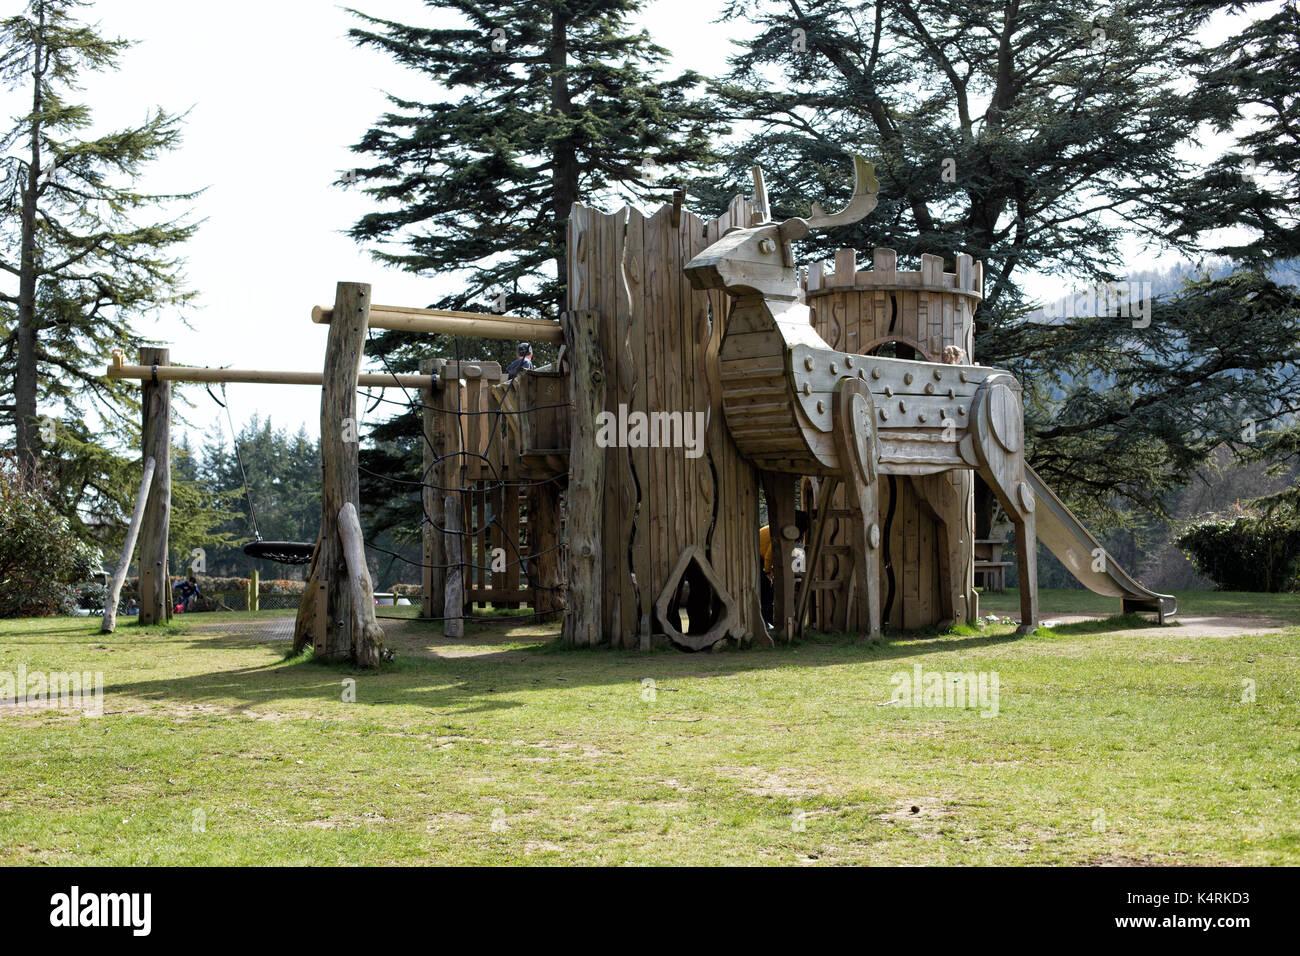 Natur spielen Spielplatz mit großen Rotwild in tollymore forest park castlewellan Newcastle County Down Nordirland Stockfoto